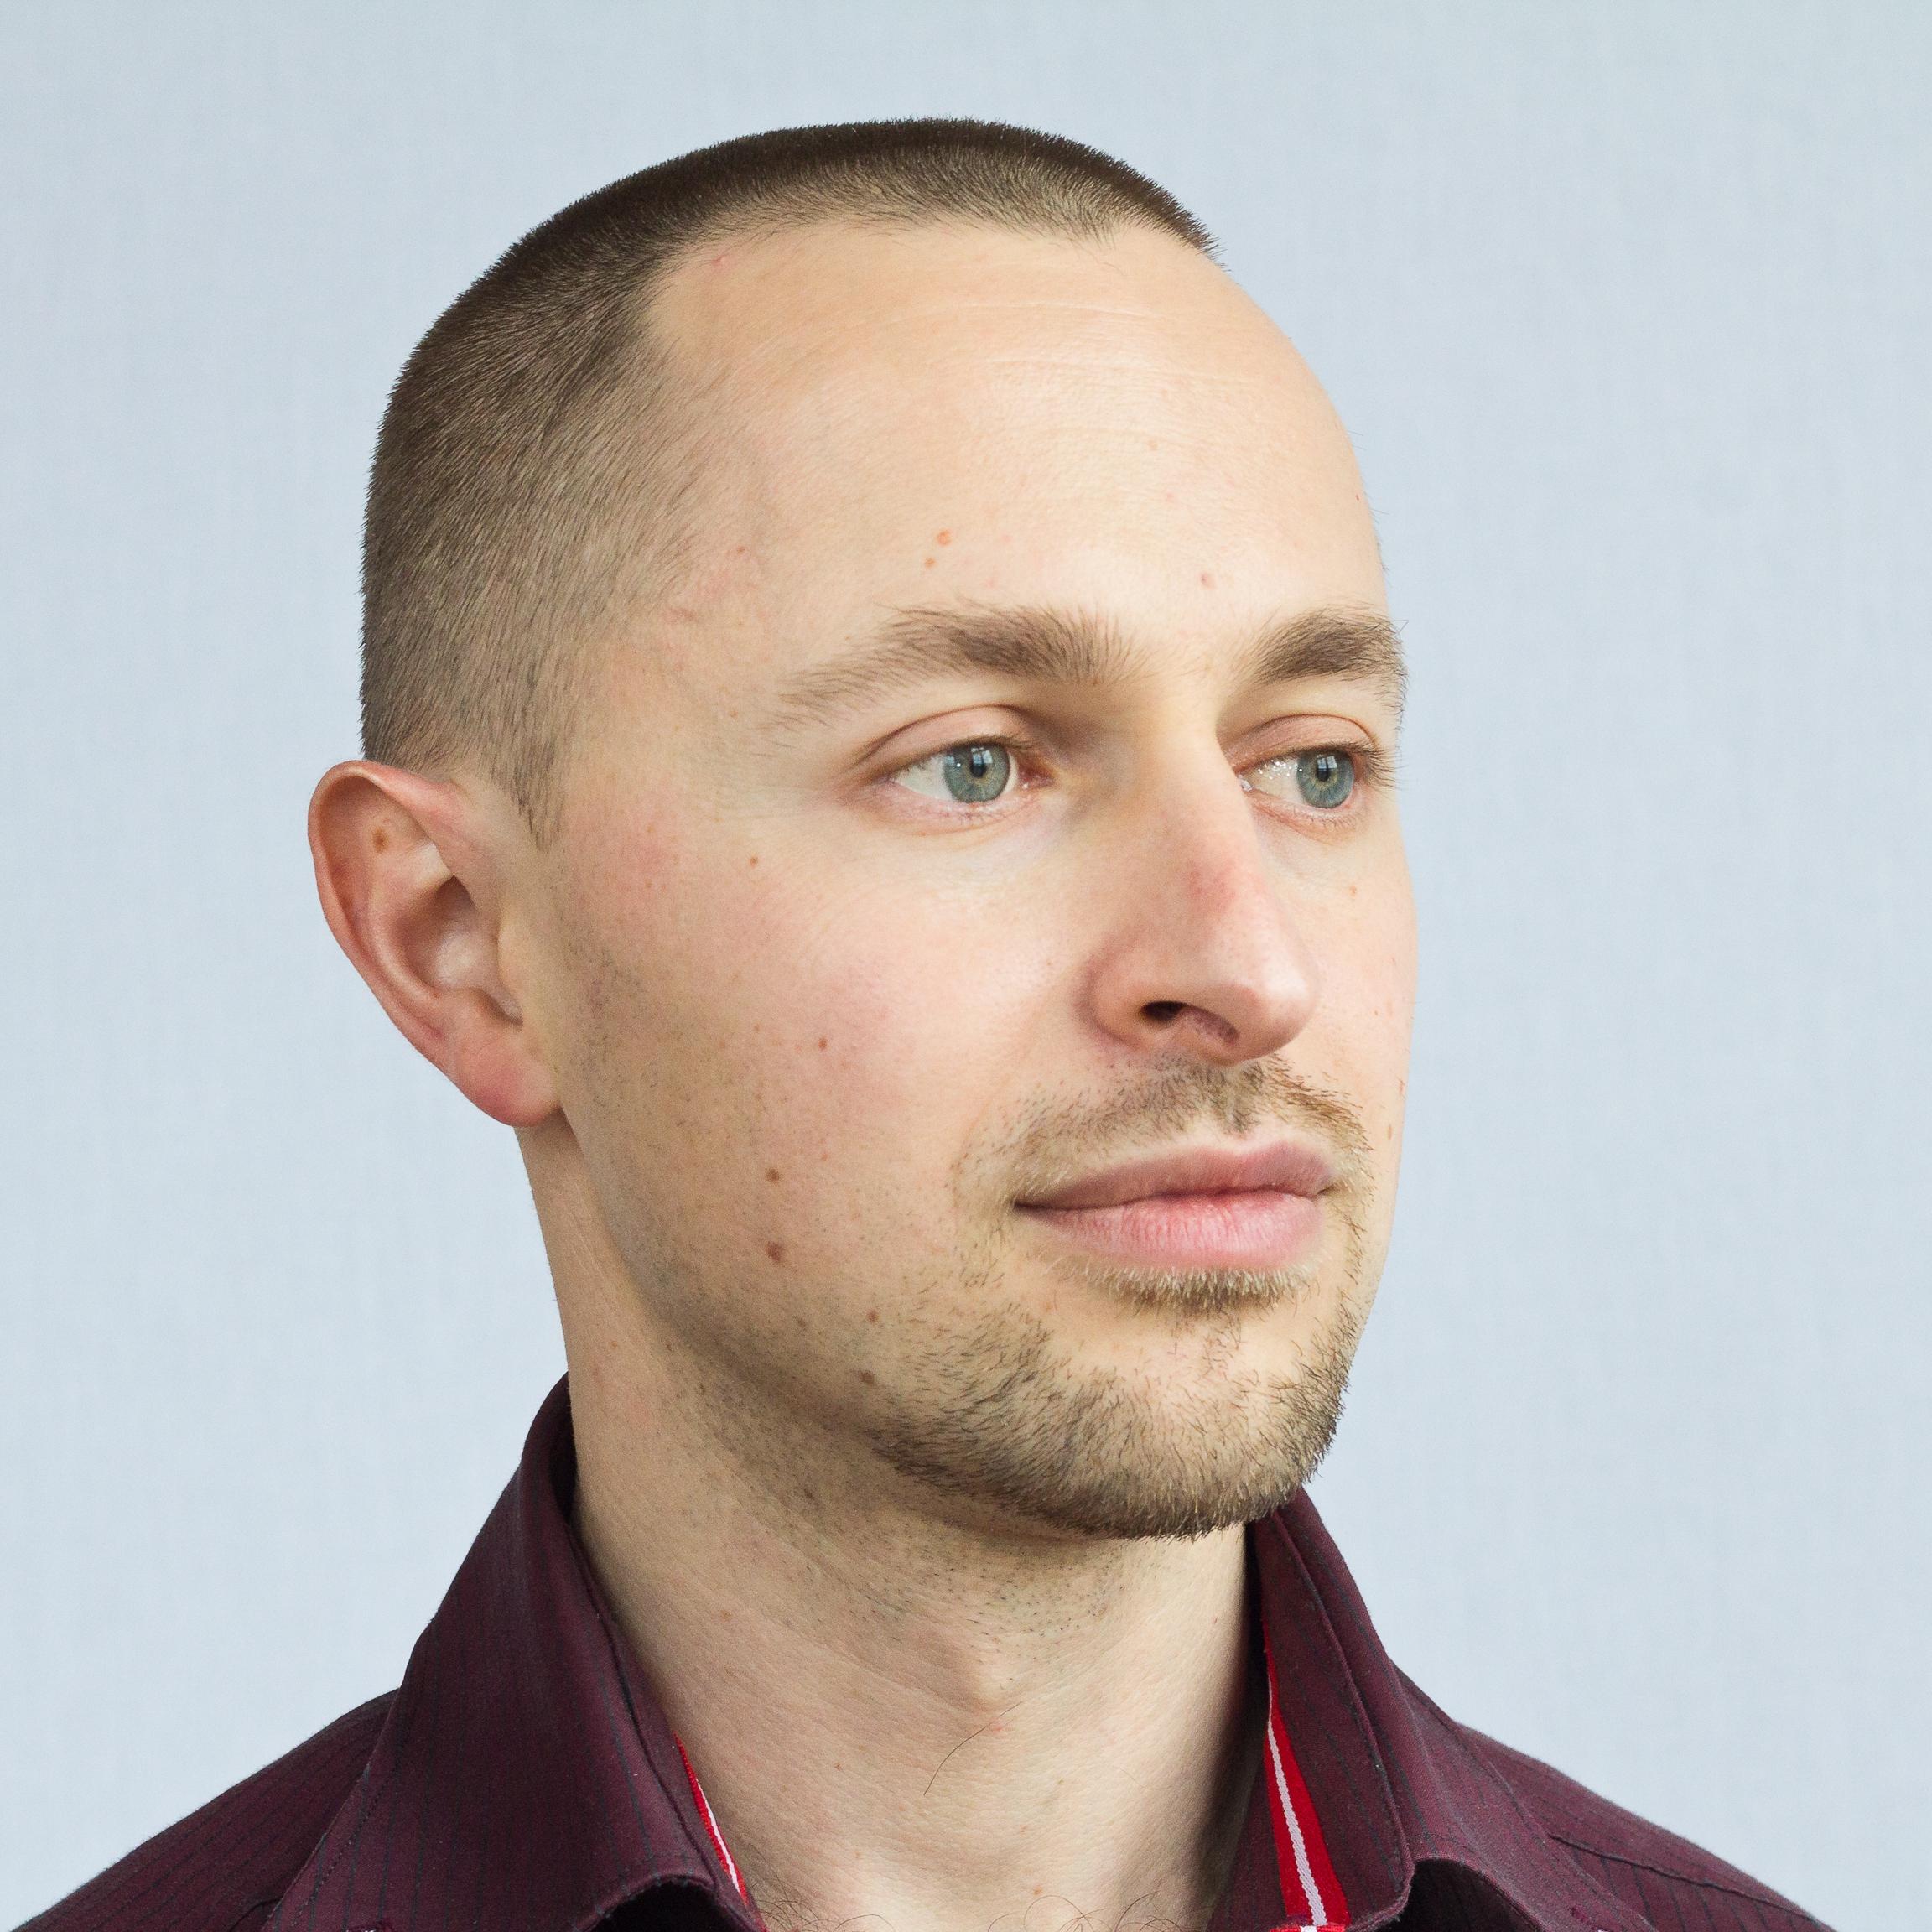 Александр Наследников,Med.me (GBooking), основатель и СЕО